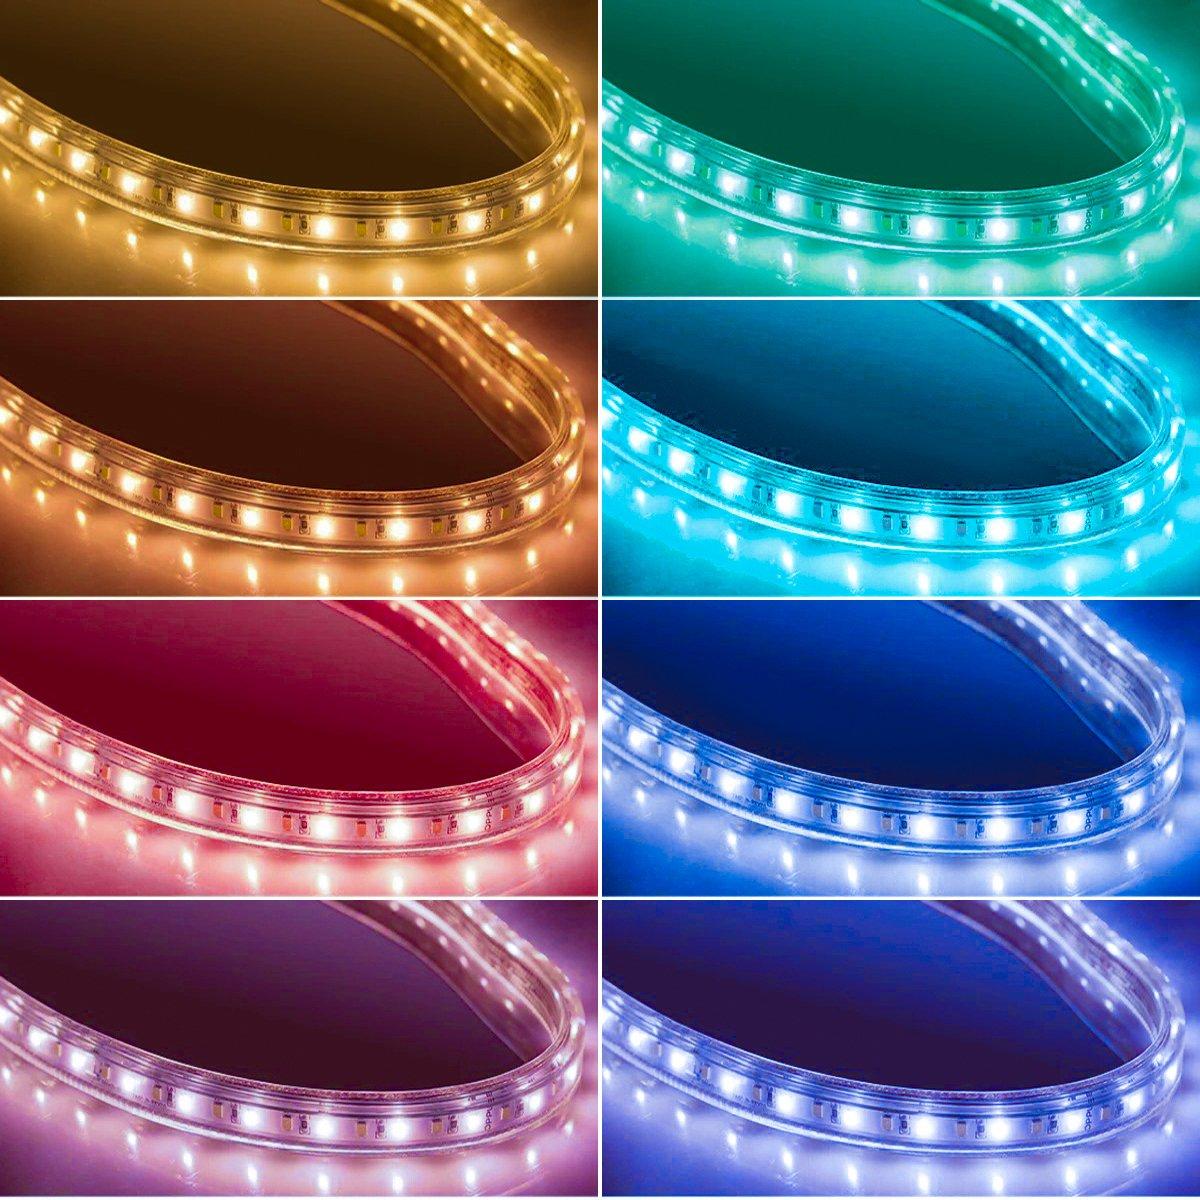 Tiras LED Iluminación (78.7in / 2m. en 4 bandas), EveShine RGB TV LED operadas con mando a distancia para Televisores de 40 a 60 pulgadas - Reduce el cansancio visual y aumenta